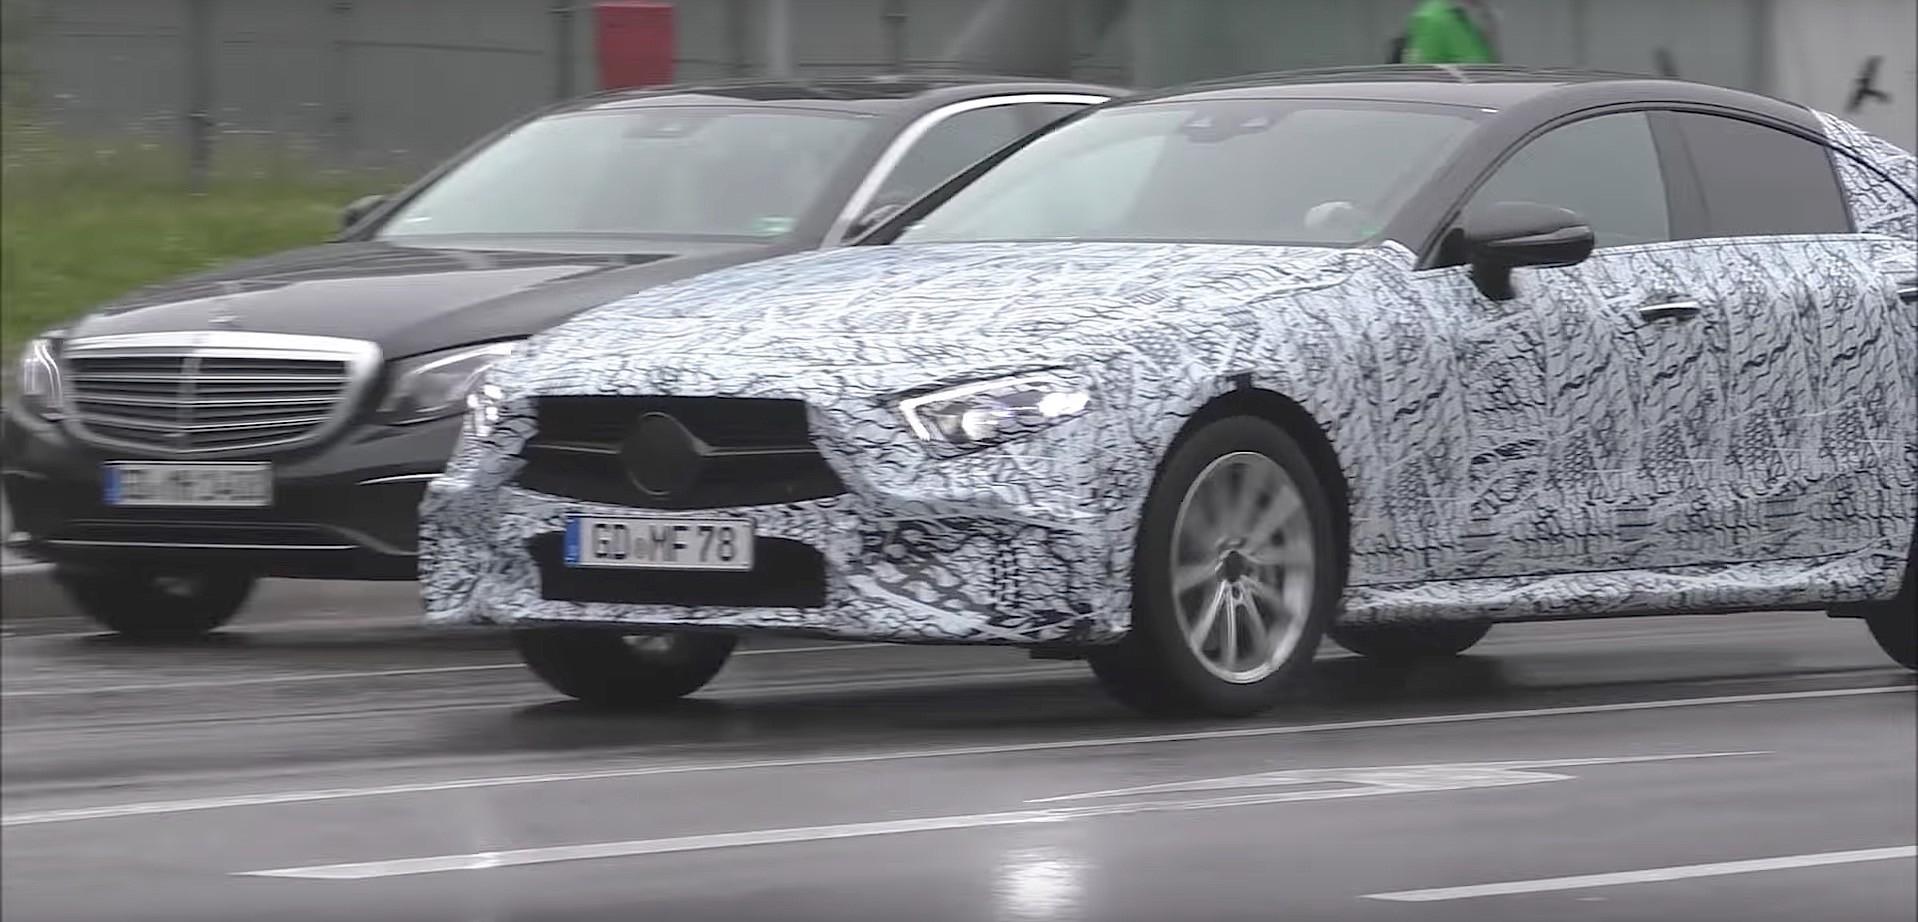 2018 Mercedes Benz Cls Cle Prototype